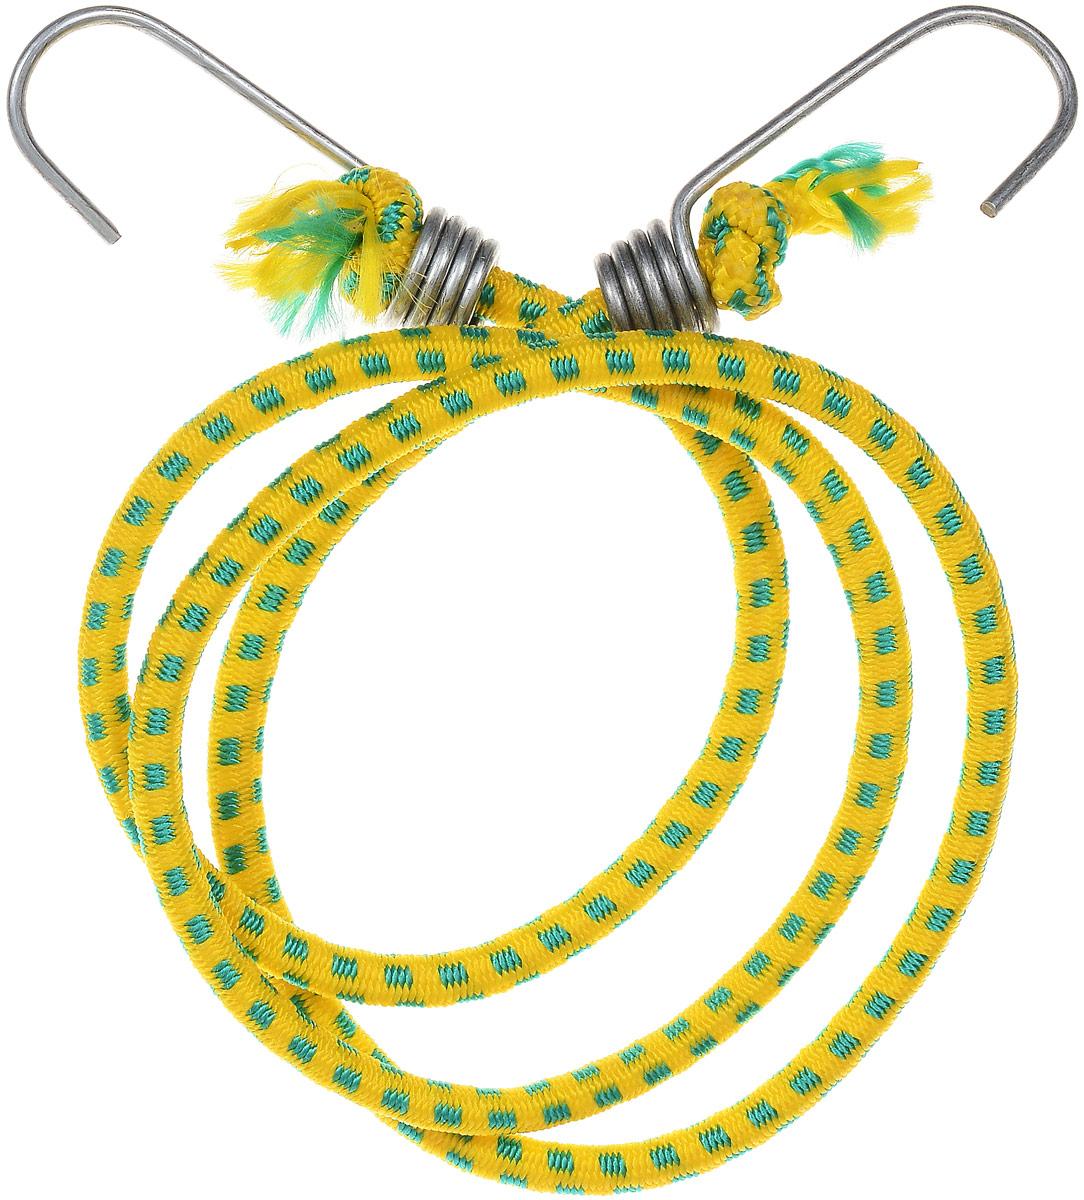 Резинка багажная МастерПроф, с крючками, цвет: желтый, зеленый 0,6 х 110 смАС.020052_желтый, зеленыйРезинка багажная МастерПроф, с крючками, цвет: желтый, зеленый 0,6 х 110 см